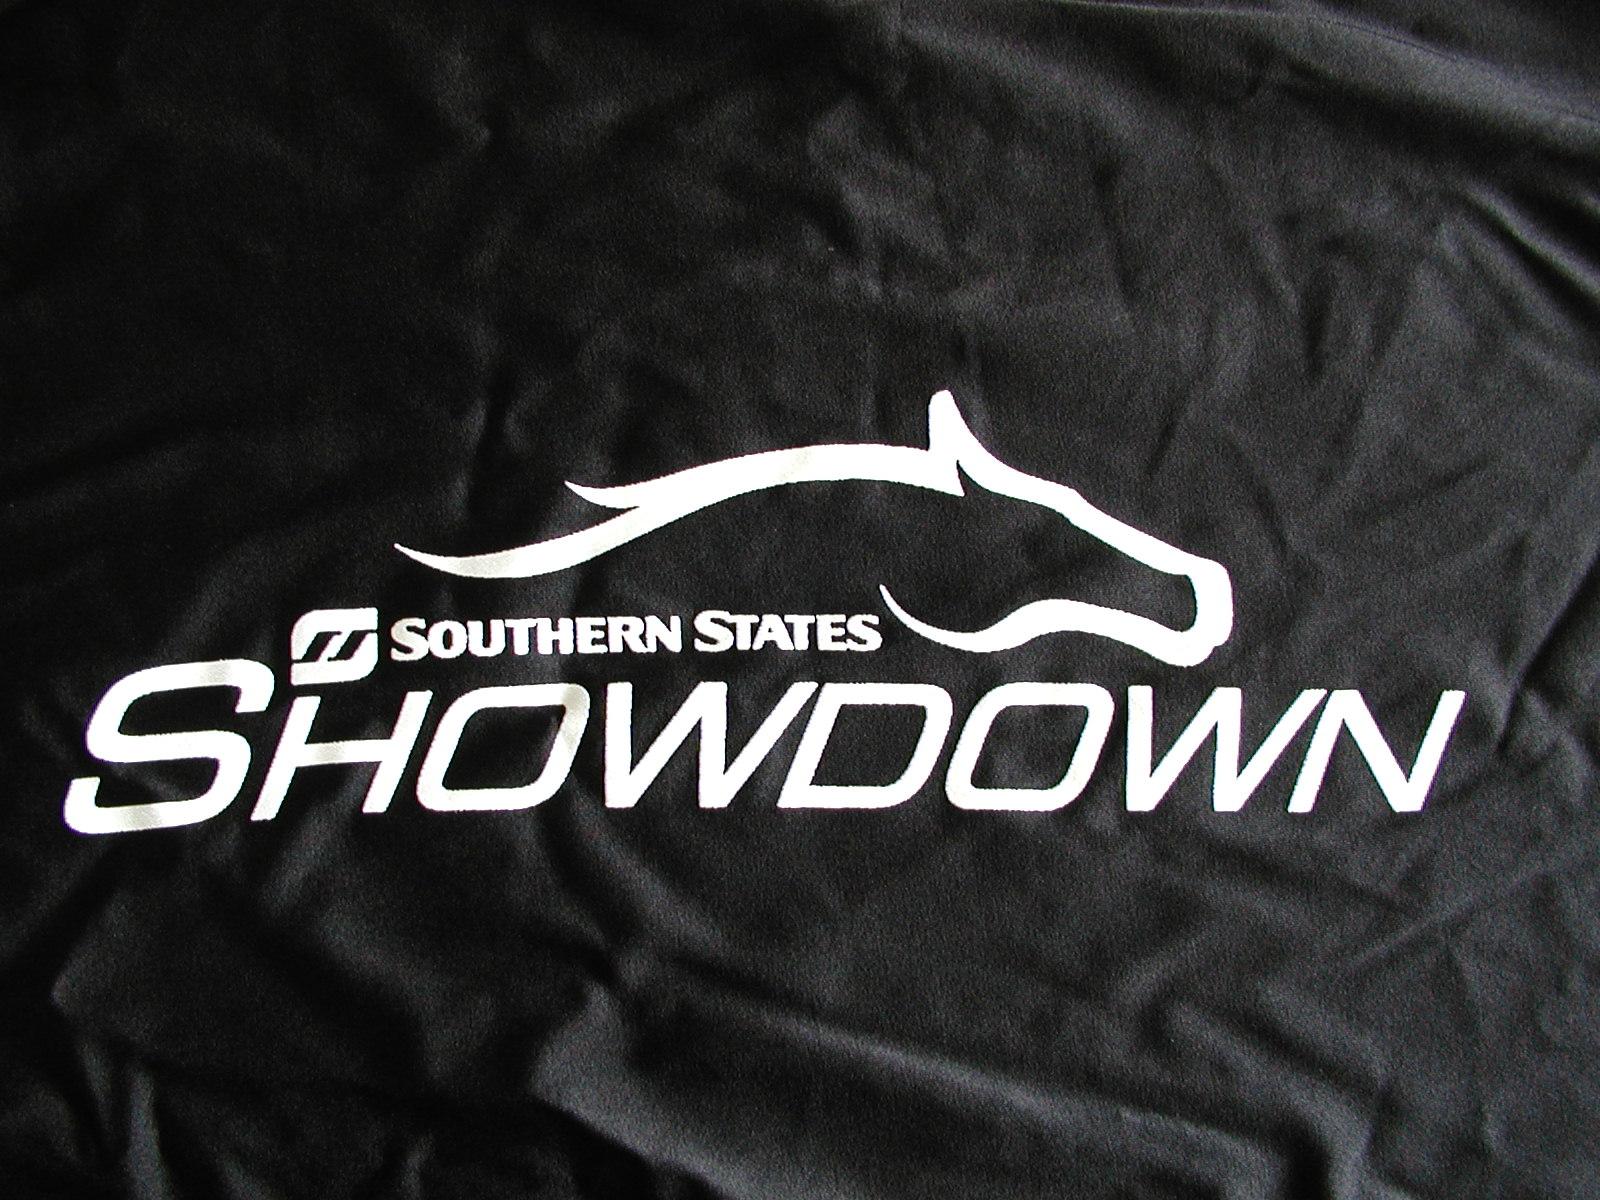 southern-states-showdown-1.jpg